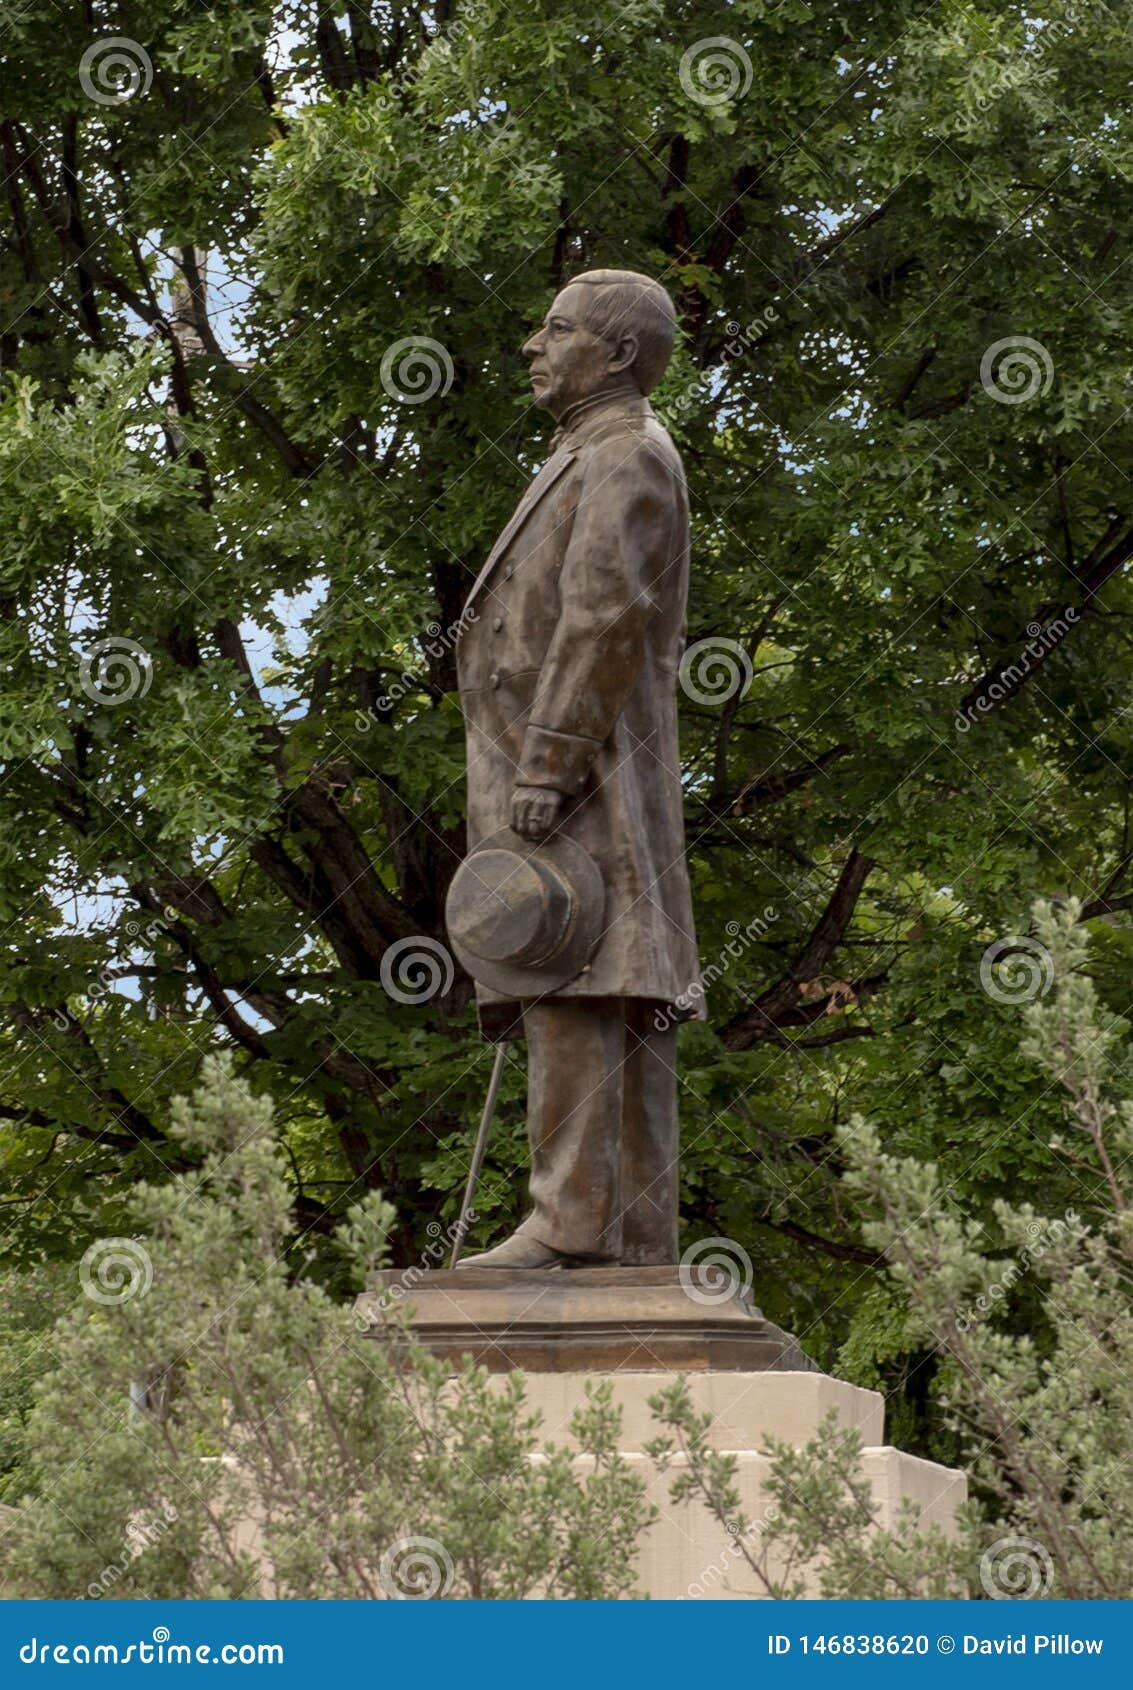 Statua bronzea di Benito Juarez in Benito Juarez Parque de Heroes, Dallas City Park a Dallas, il Texas